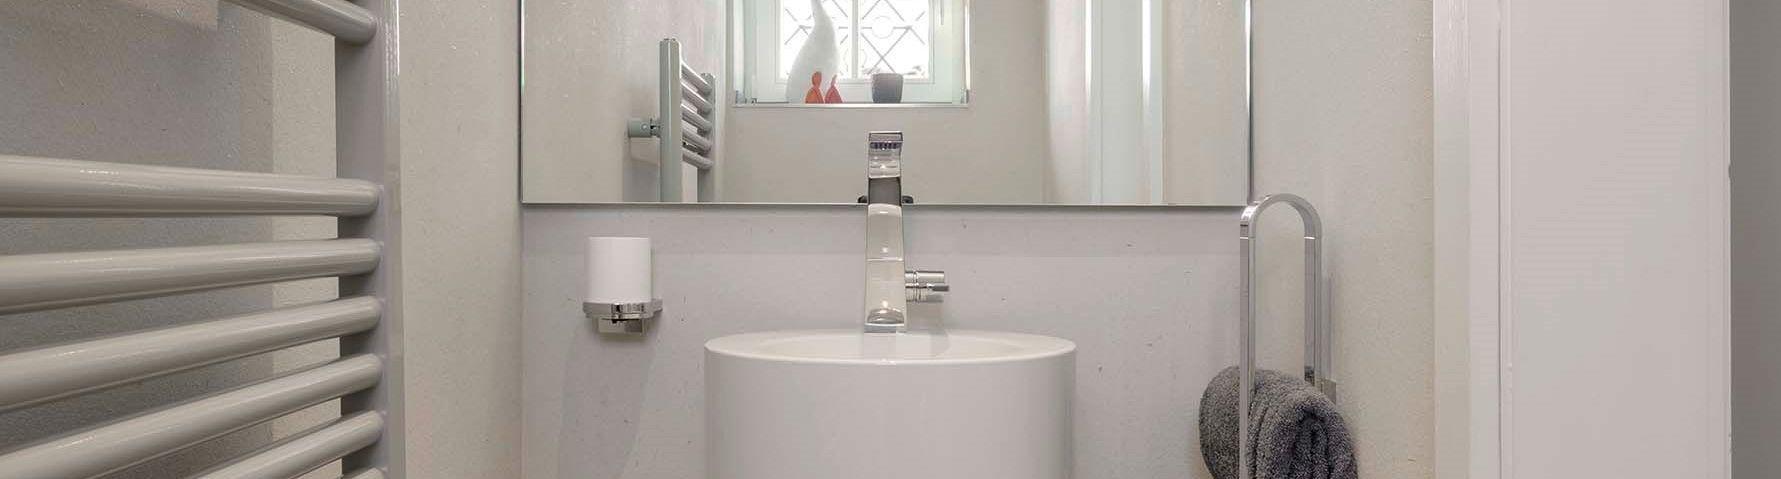 Sehr Referenz-Gäste-WC | Brüning | Bad, Heizung, Wohnraum SC47